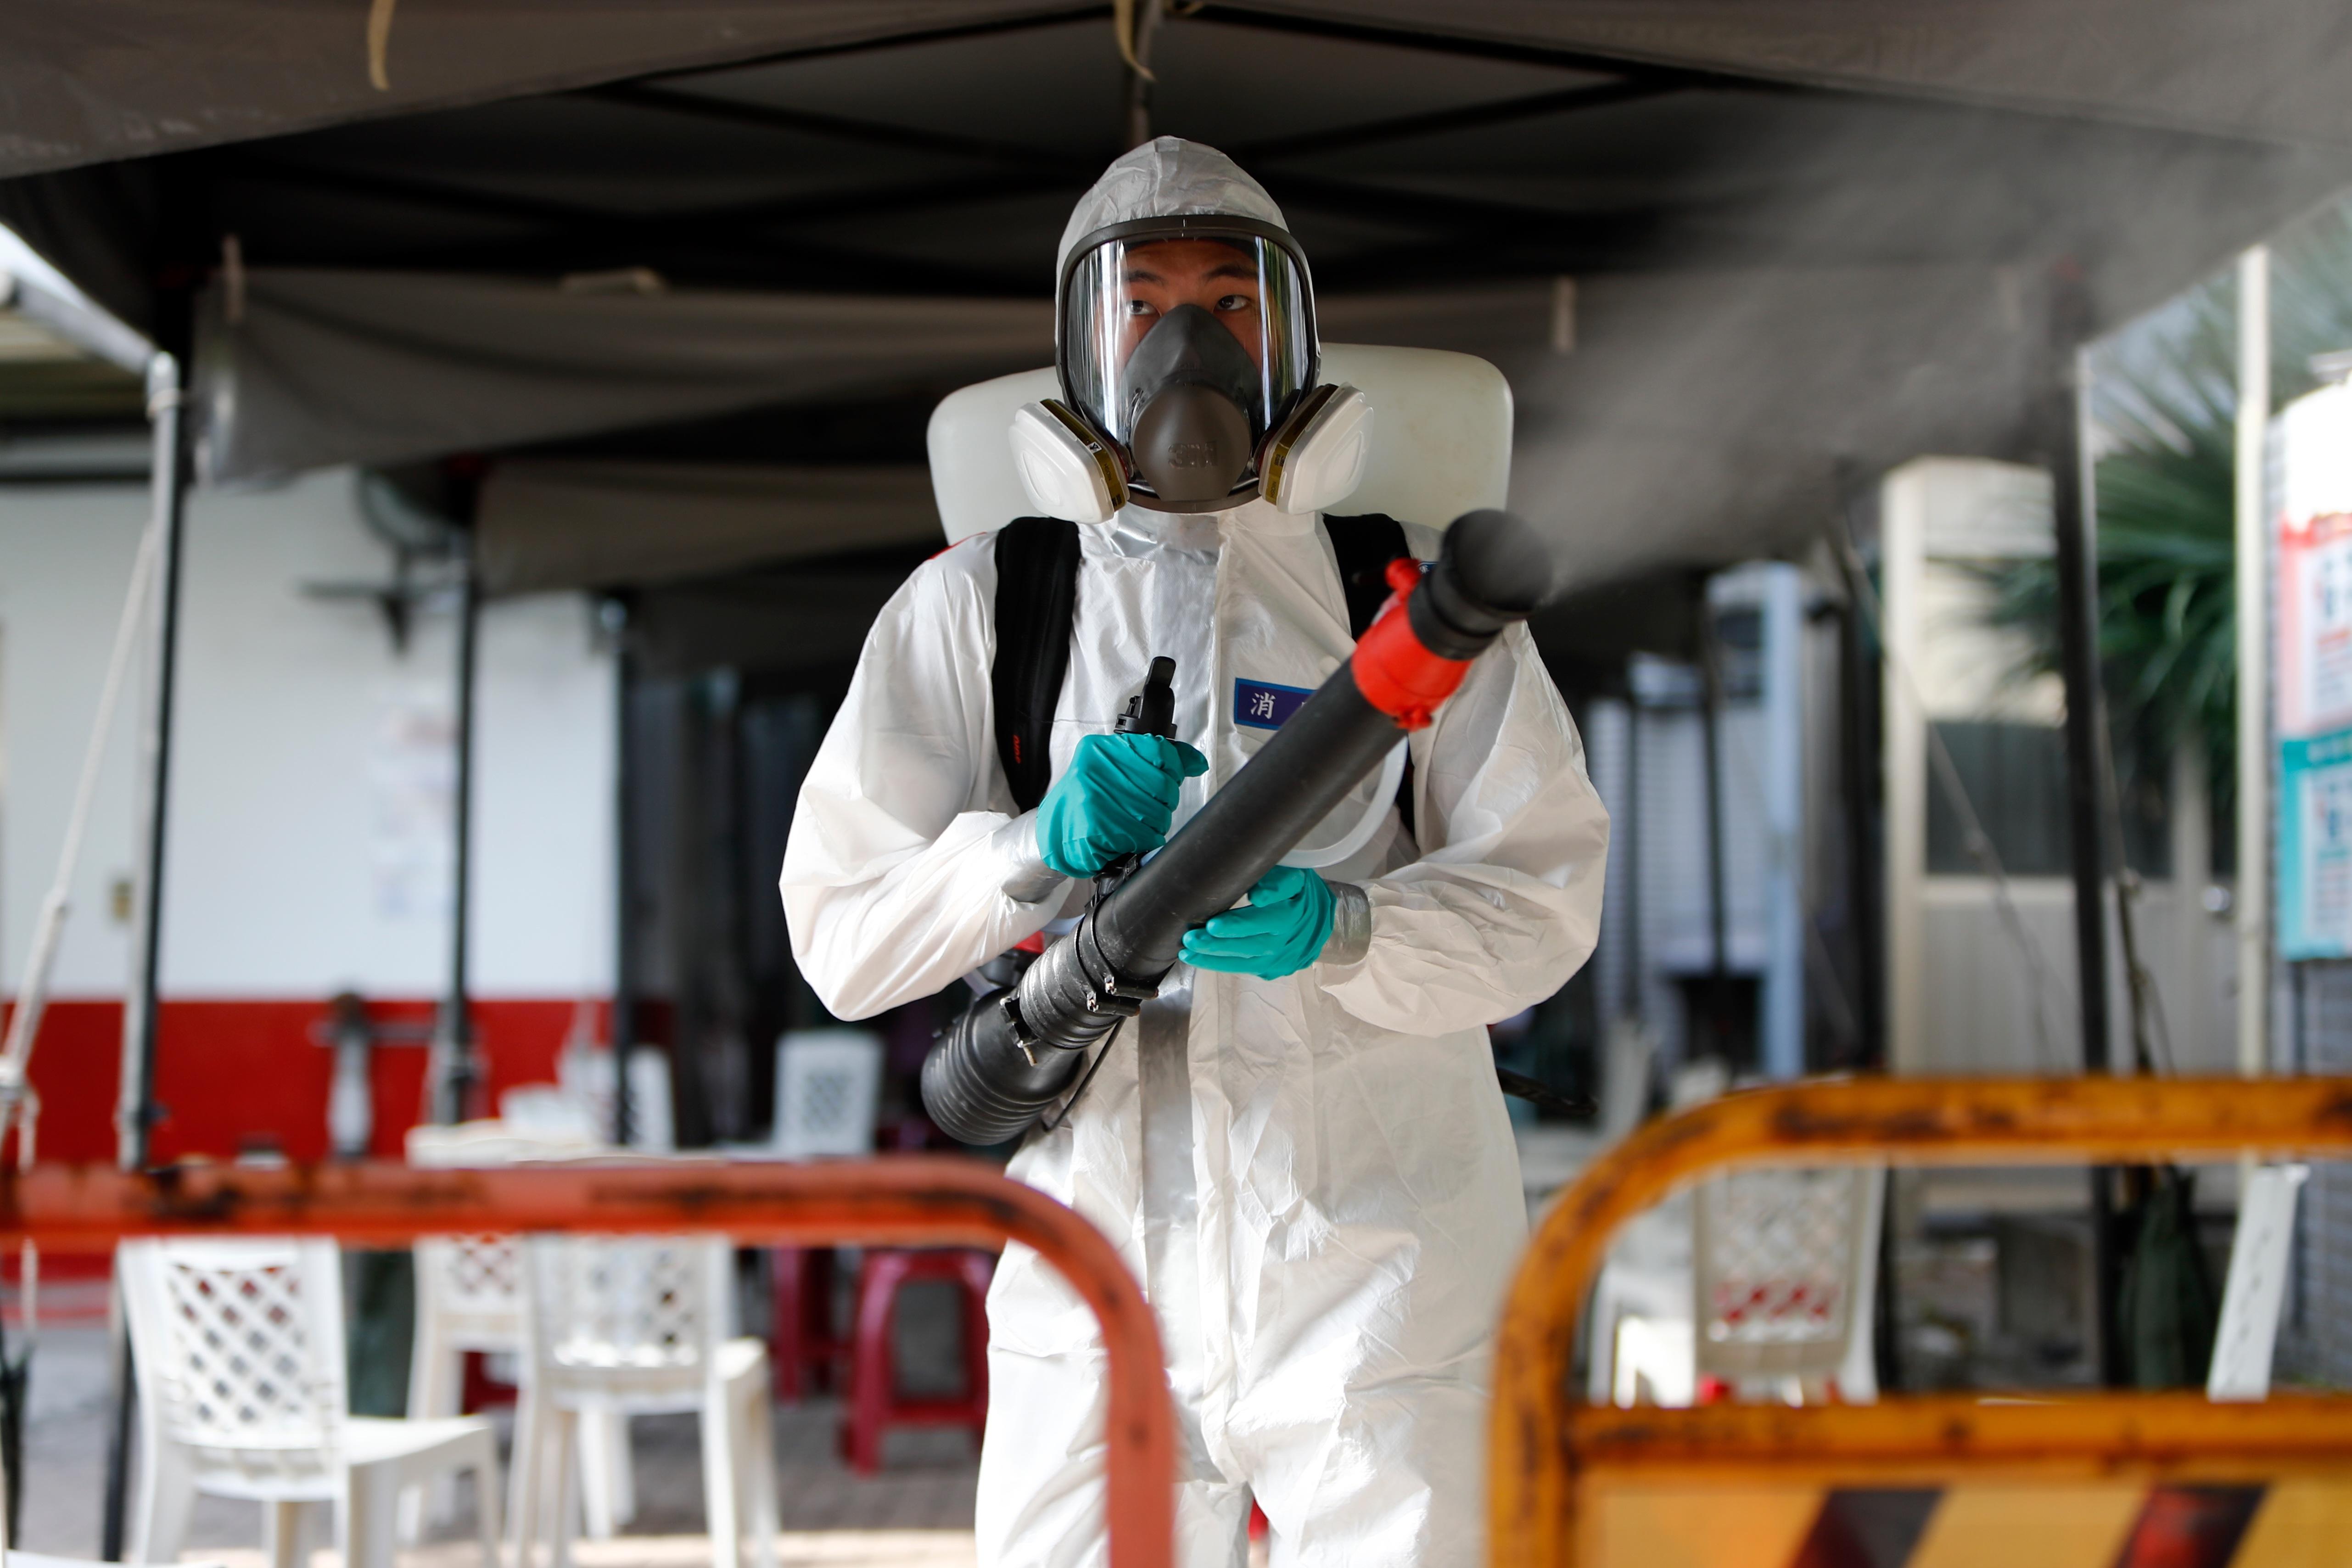 台湾新增47例本土新冠病例 新增13例死亡病例